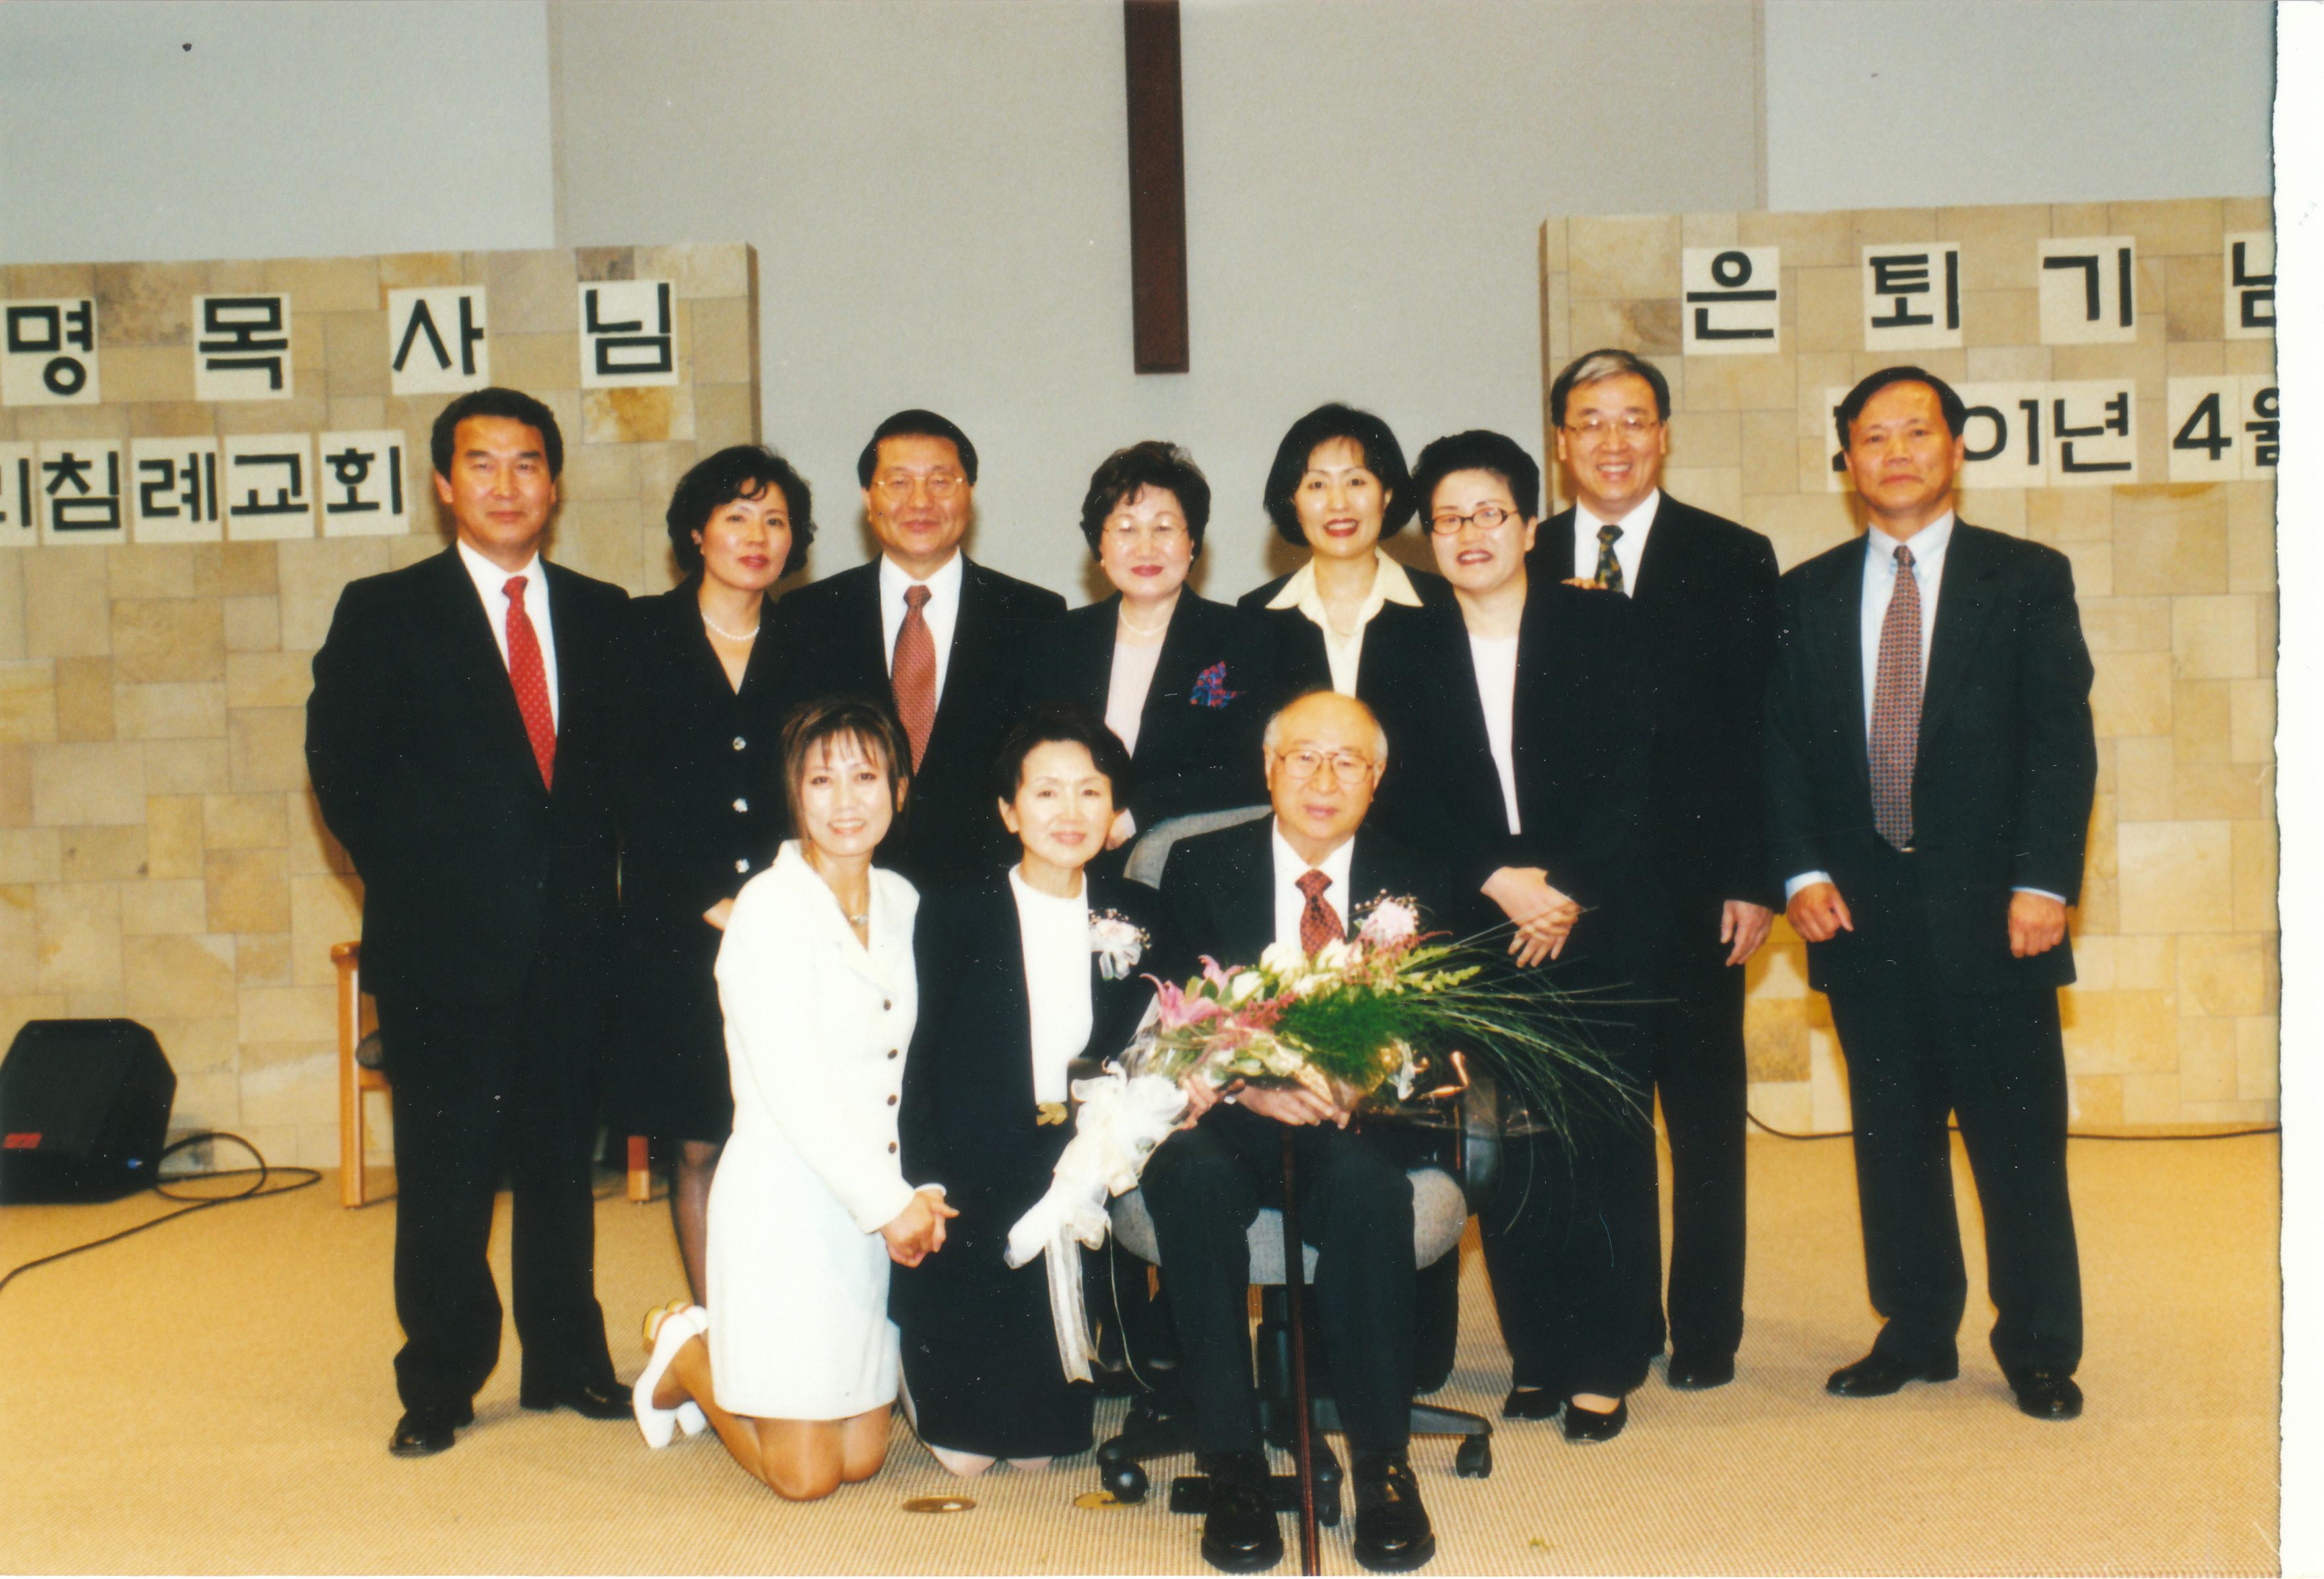 김동명 목사 은퇴식 (마운틴 뷰 새누리 교회)